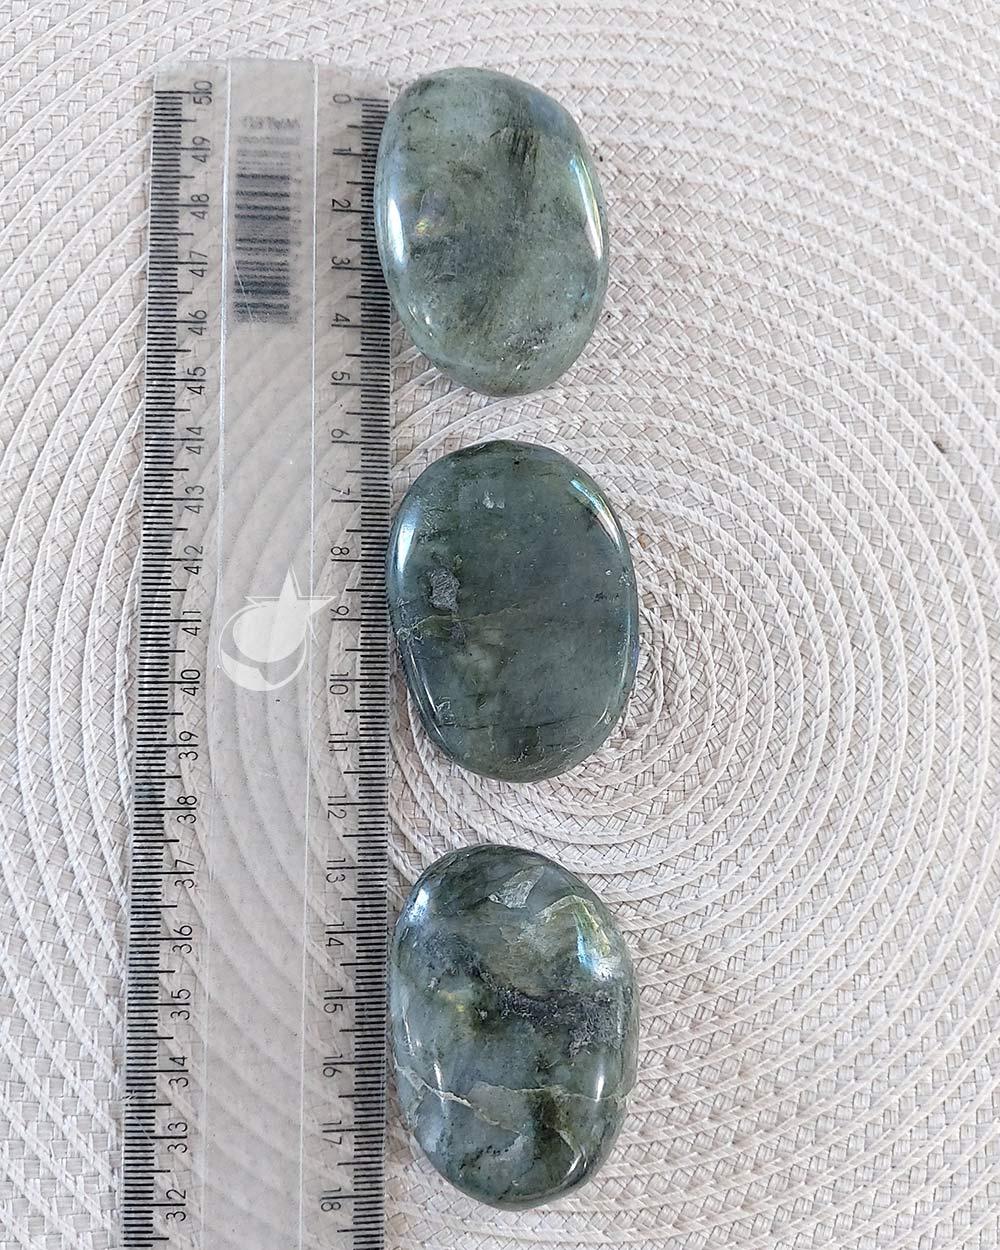 LABRADORITA - SABONETE - UNIDADE - 5 a 5,5 cm - ( 47 a 57g)